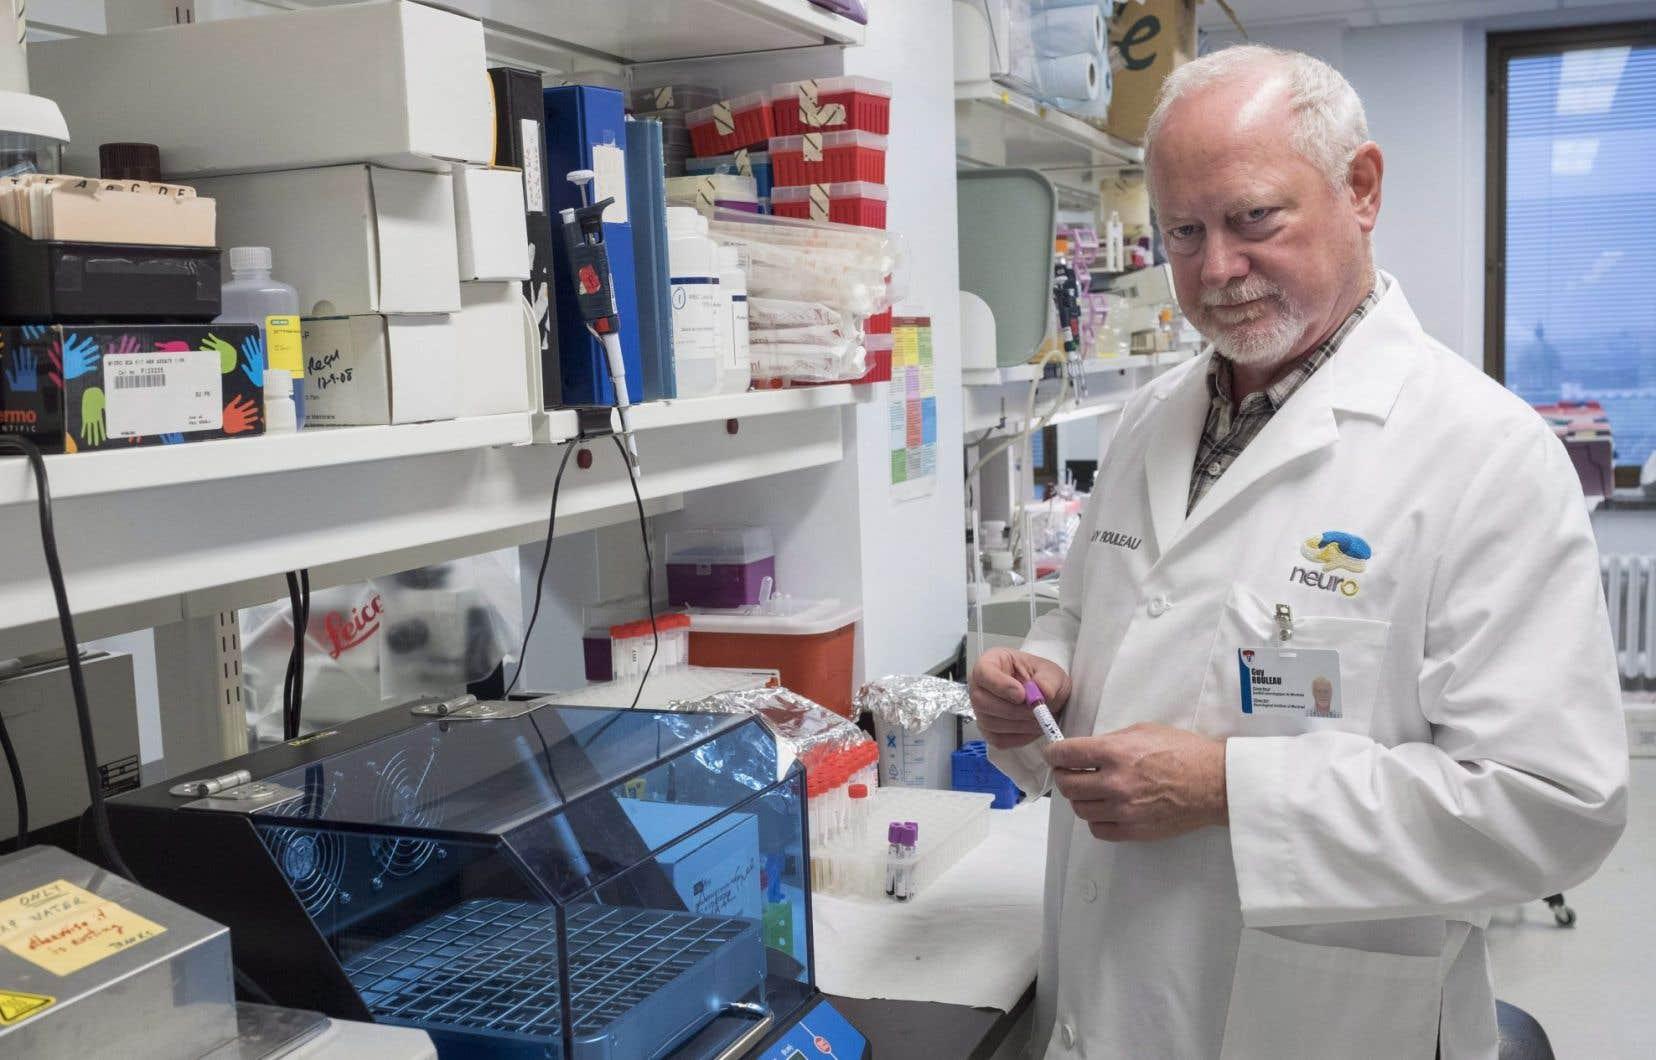 Guy Rouleau, le directeur de l'institut de neurologie de l'Université McGill